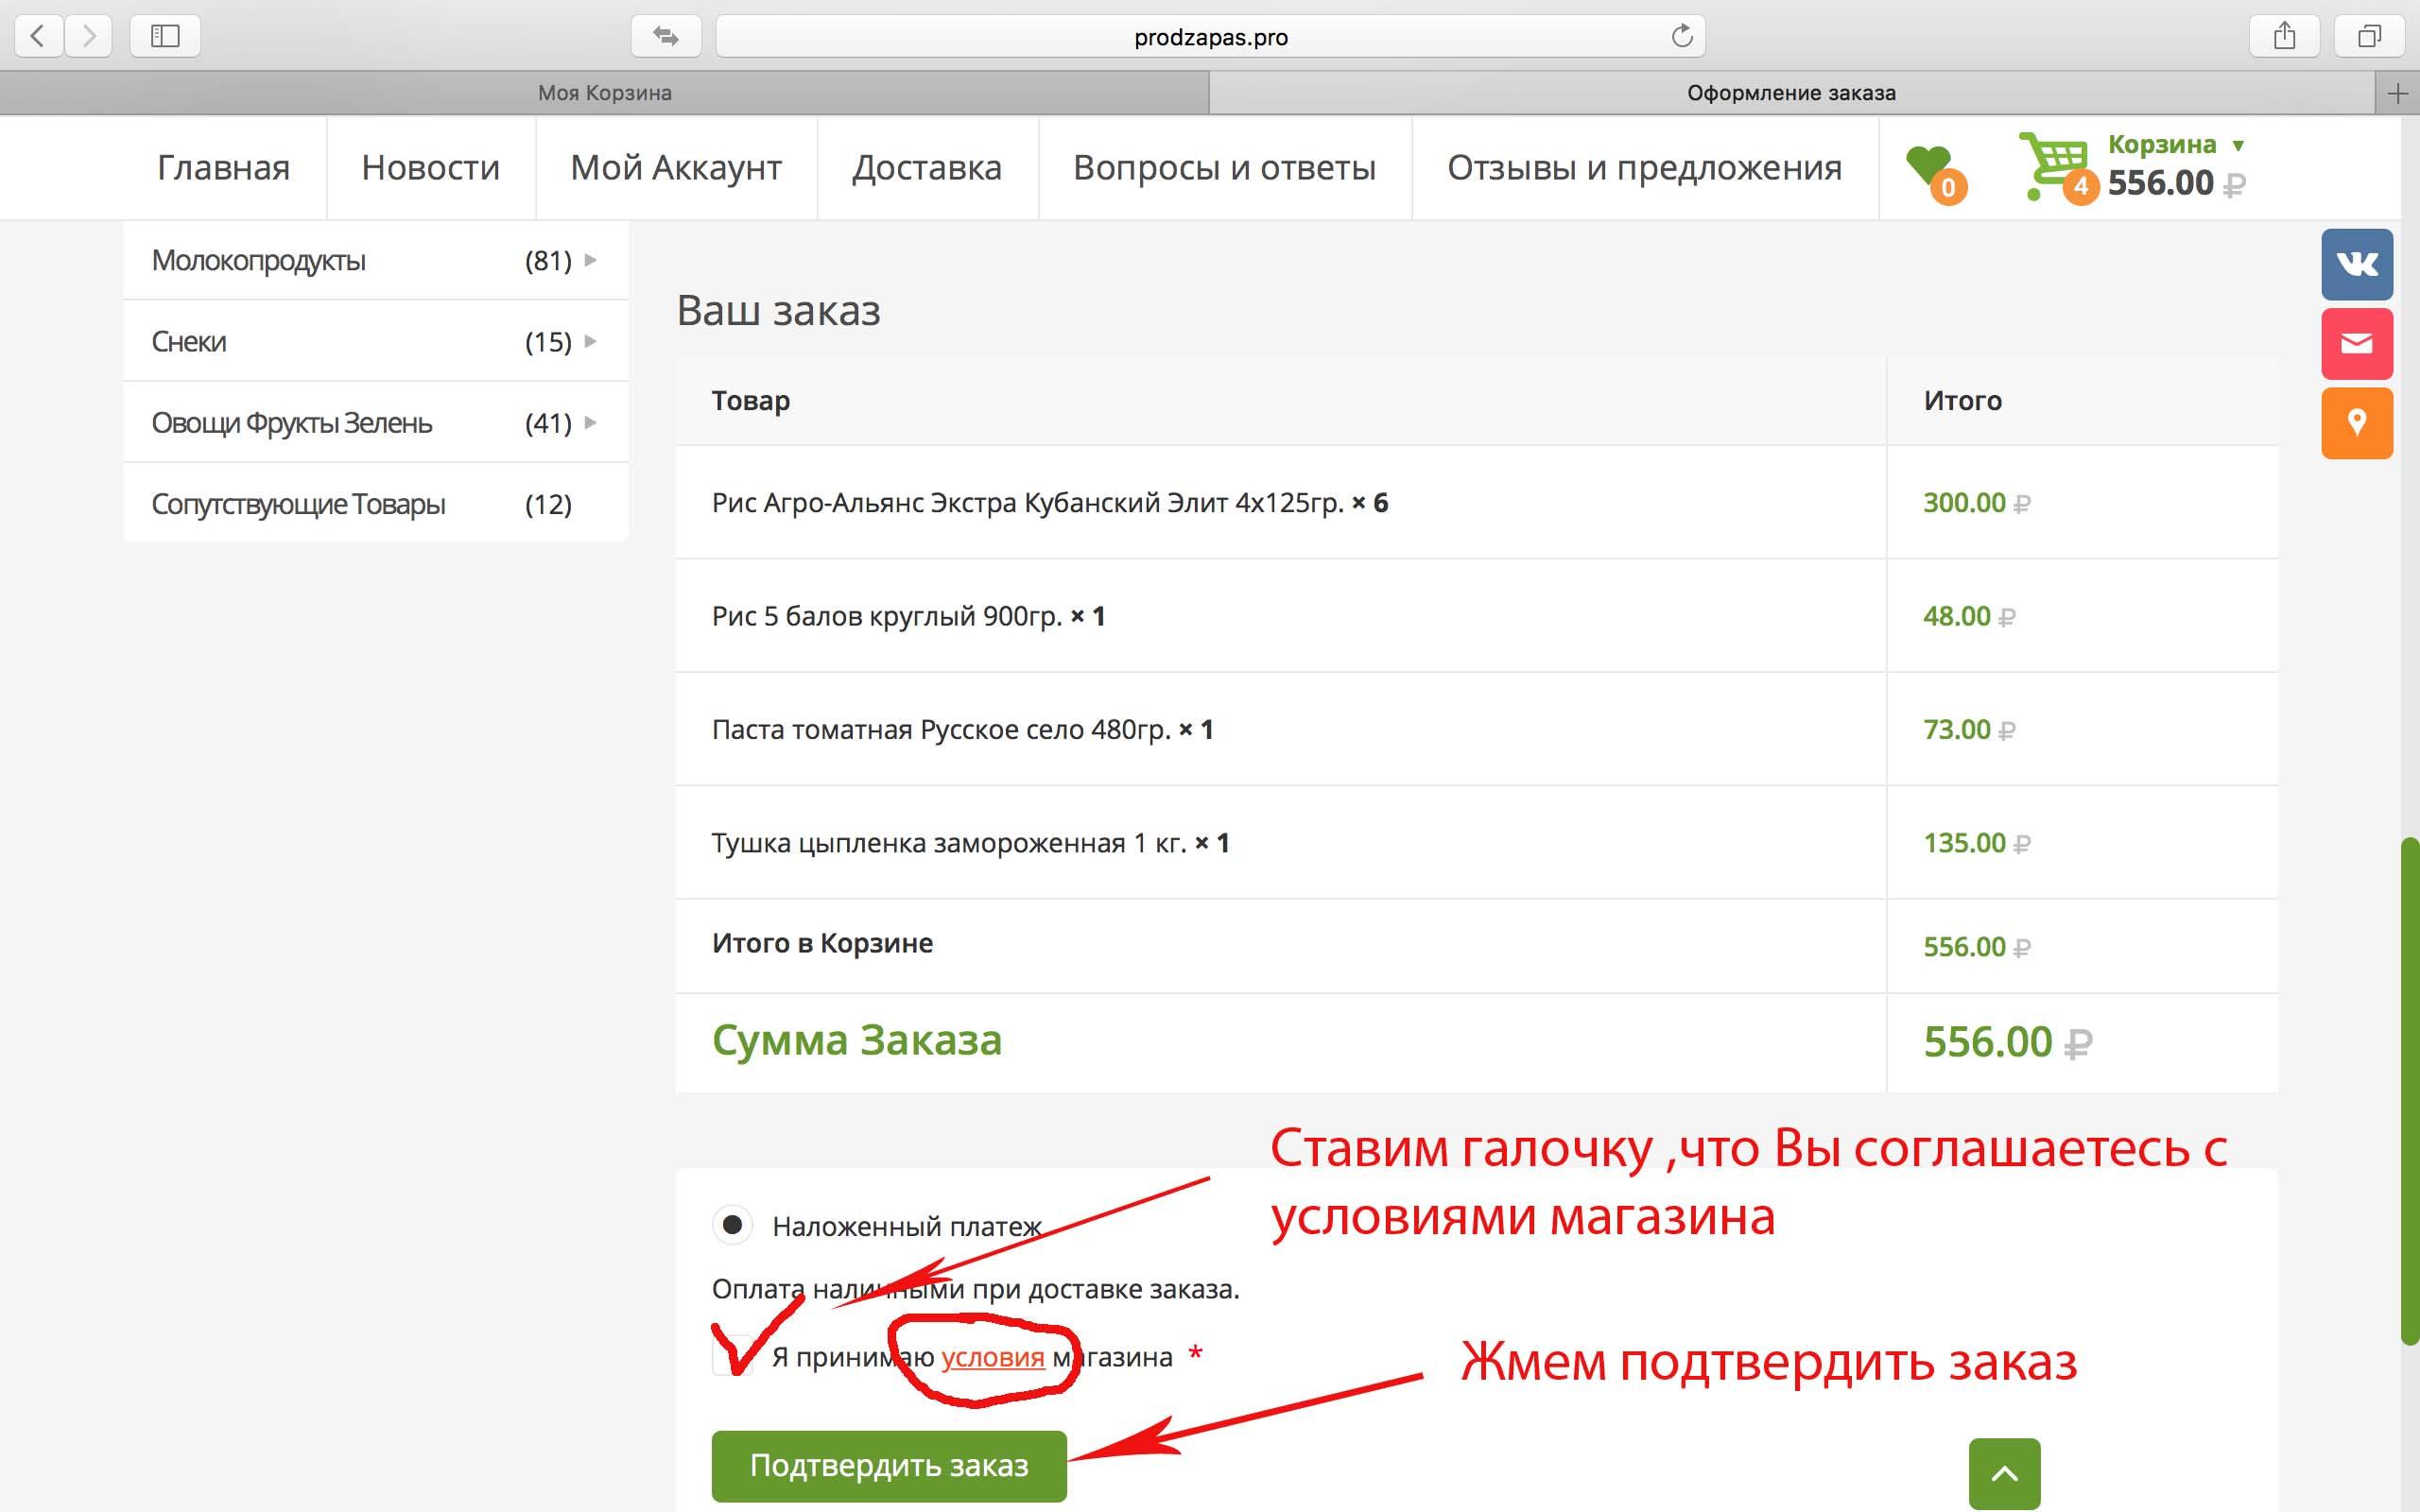 snimok-ekrana-2017-11-02-v-22-25-54